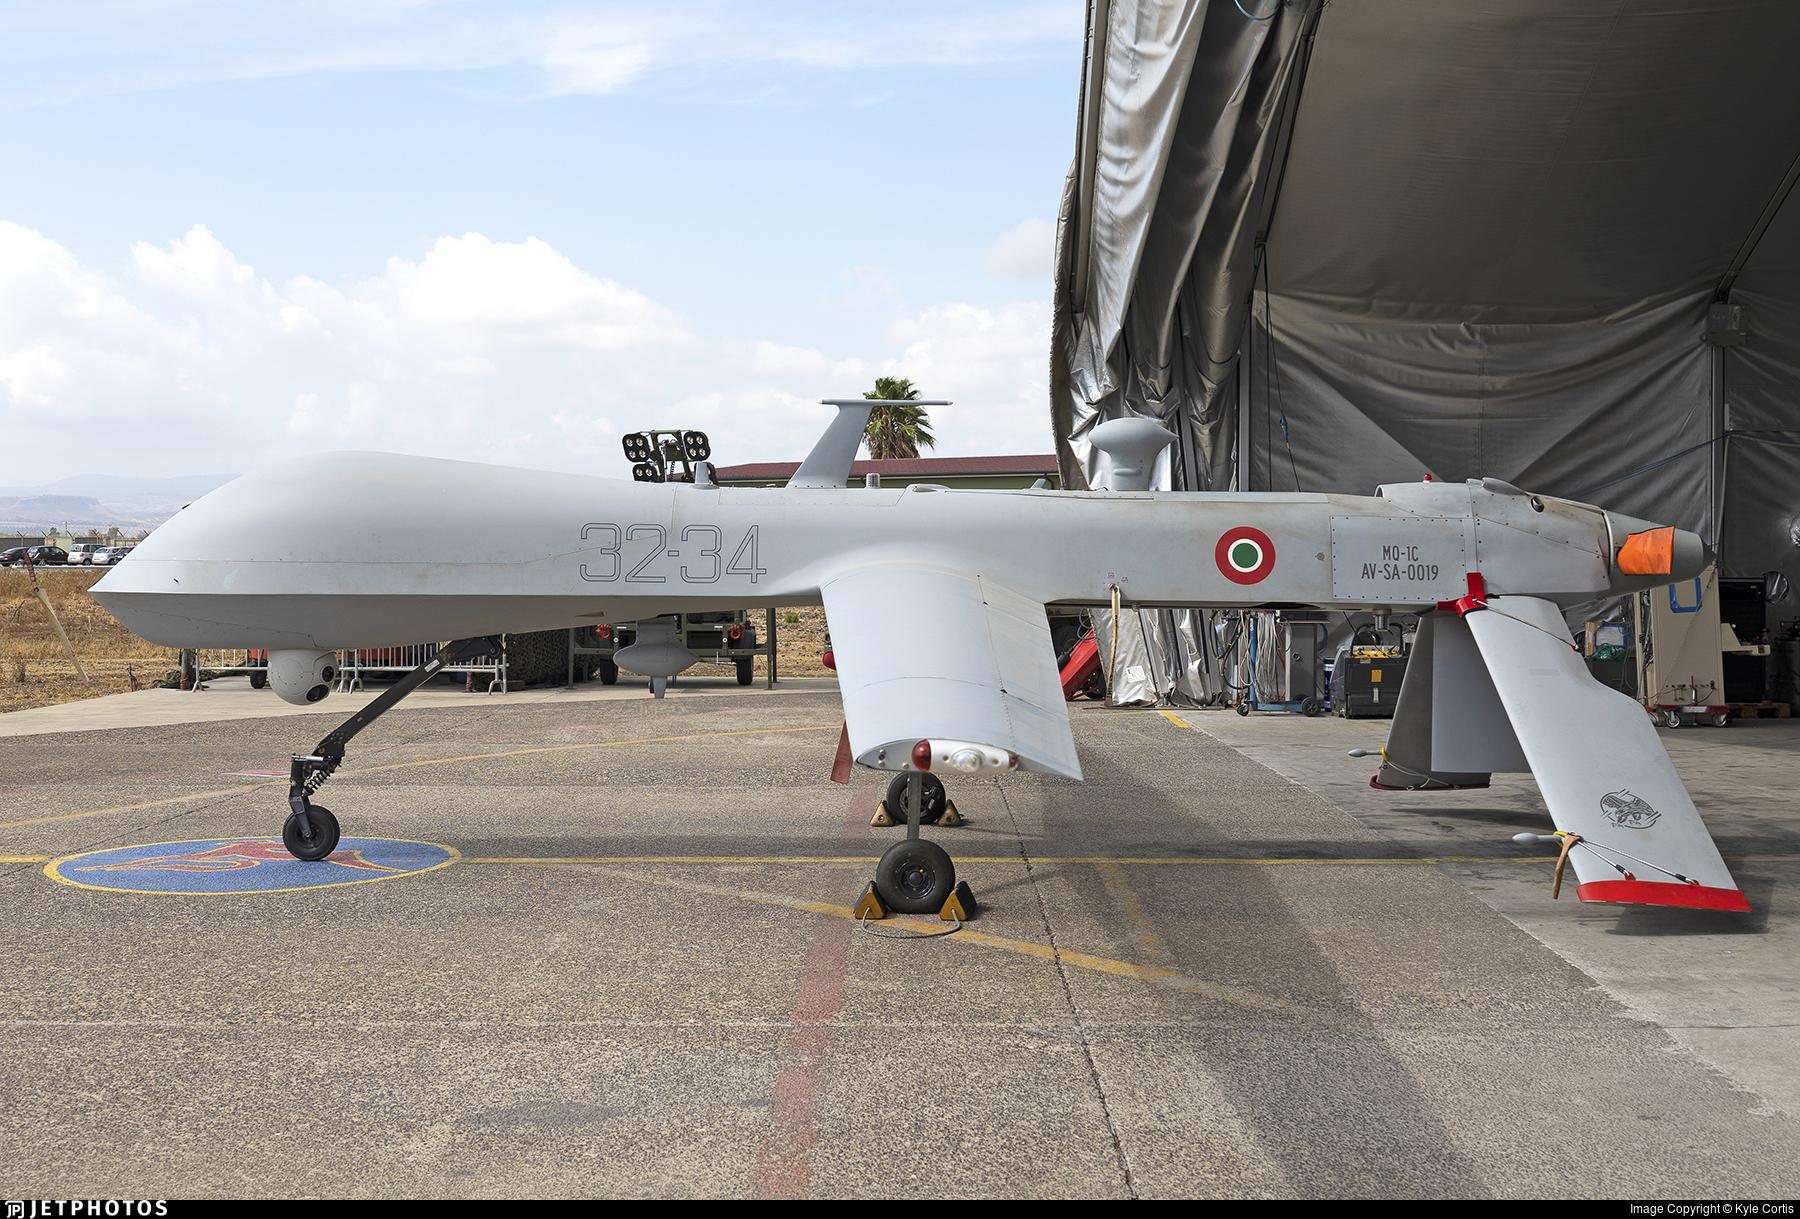 AV-SA-0019 - GAAS MQ-1 Predator - Italy - Air Force